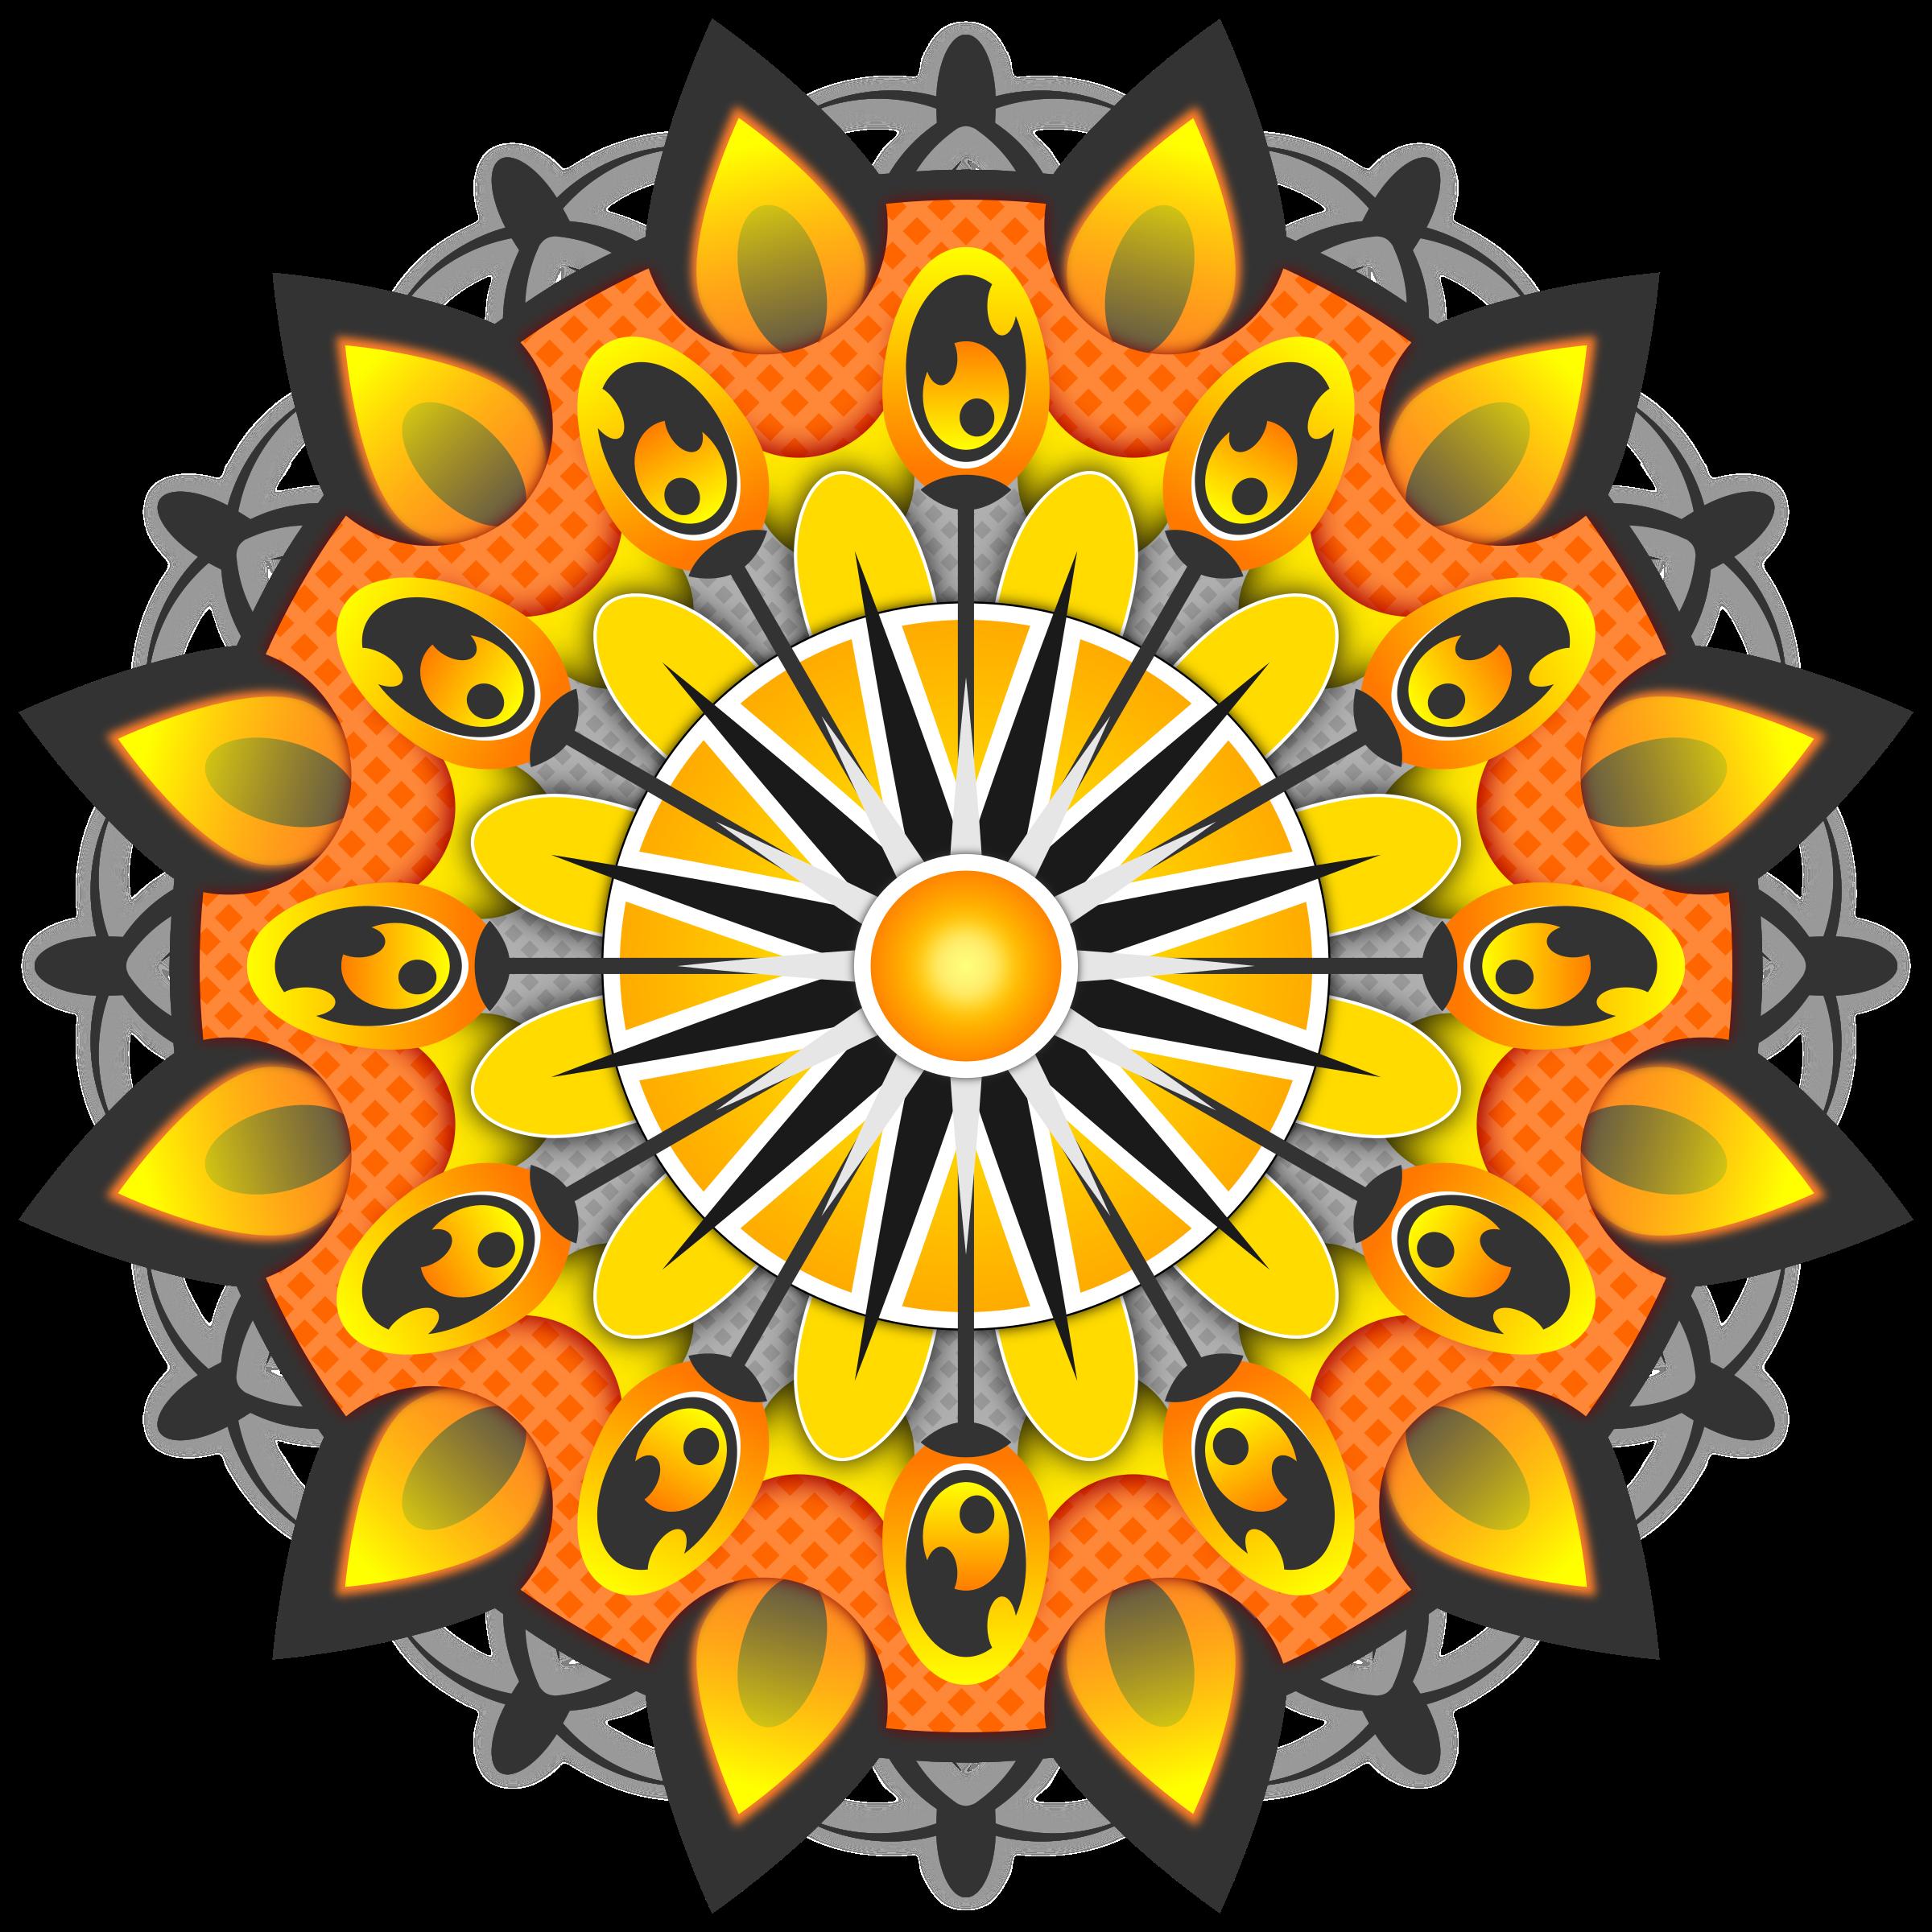 Clipart yellow big image. Mandala vector png